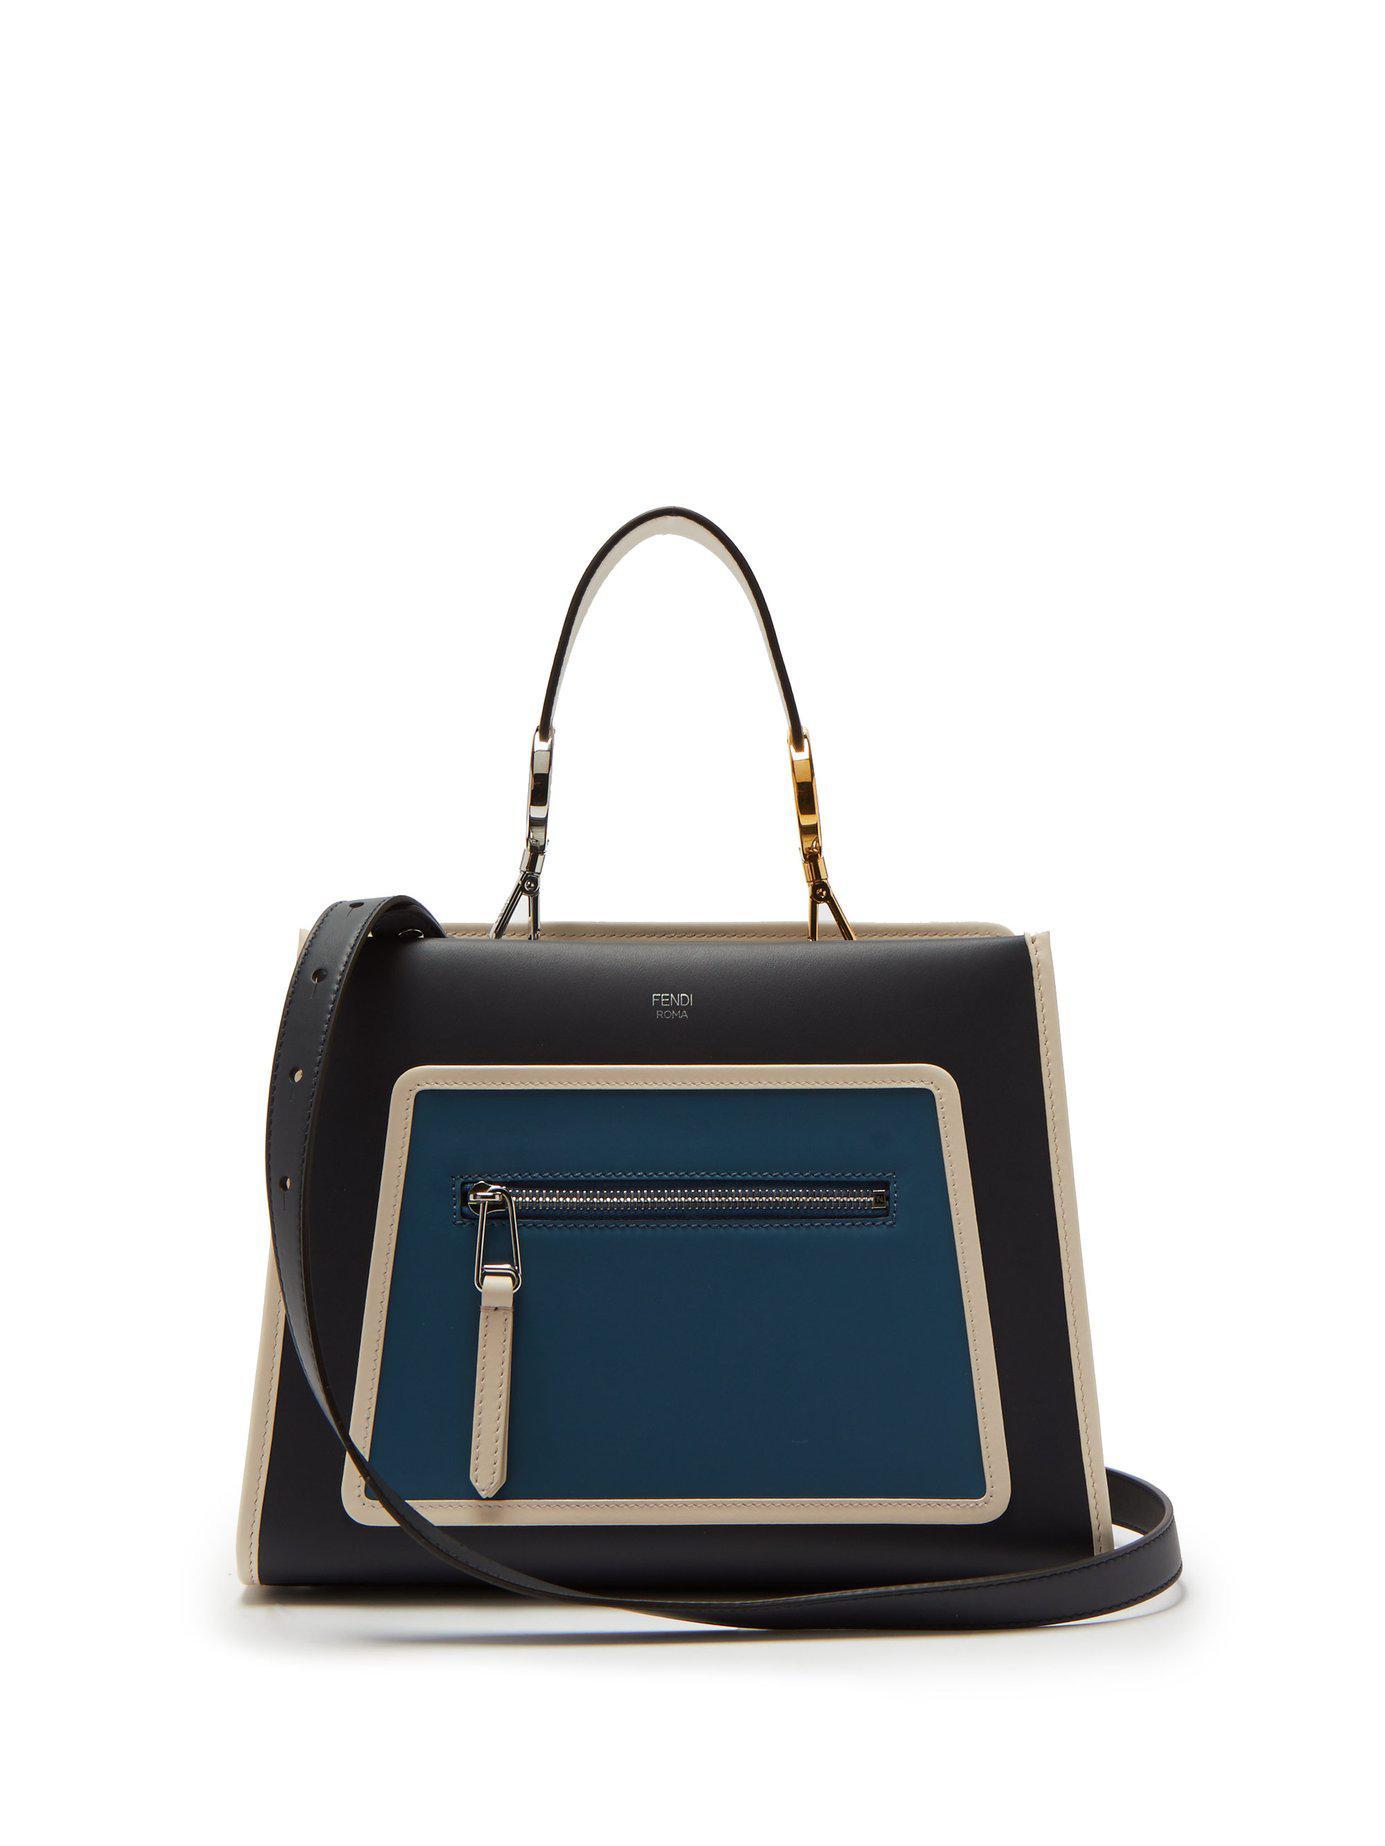 a8a0917b36b7 Lyst - Fendi Runaway Leather Bag in Blue